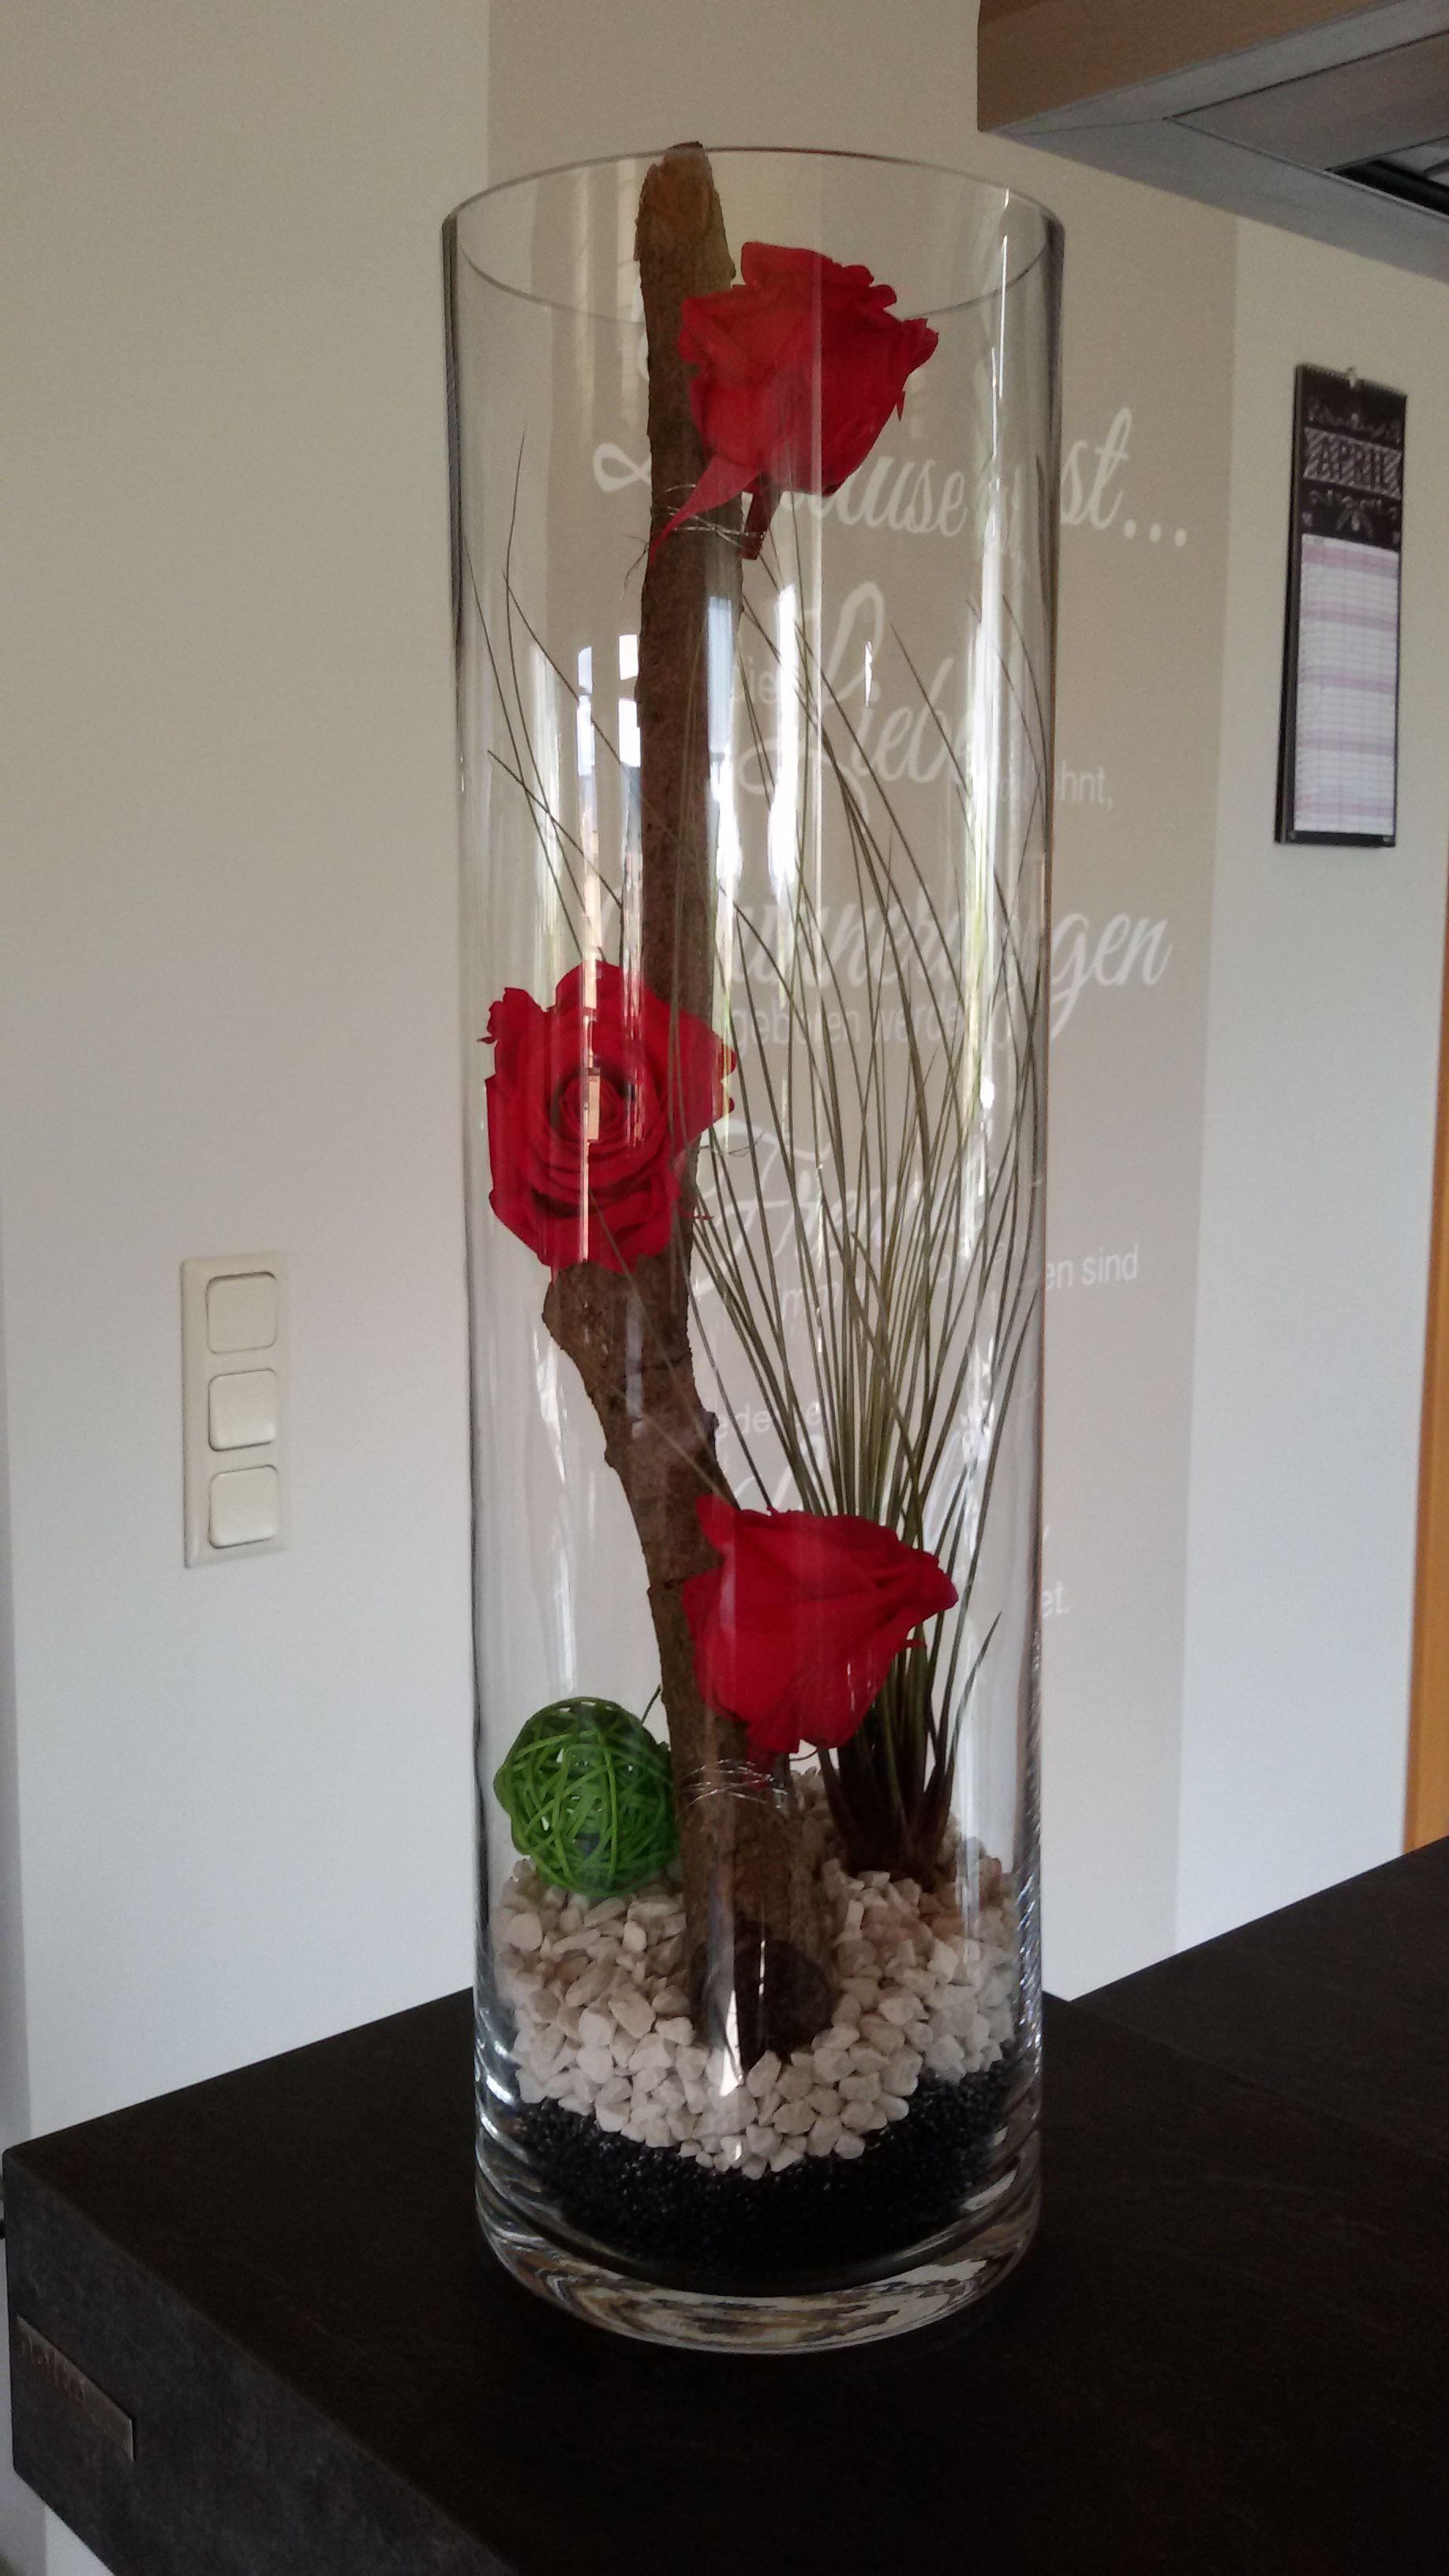 Echte Rosen Ohne Wasser Haltbar Mindestens 3 Jahre Blumen Im Glas